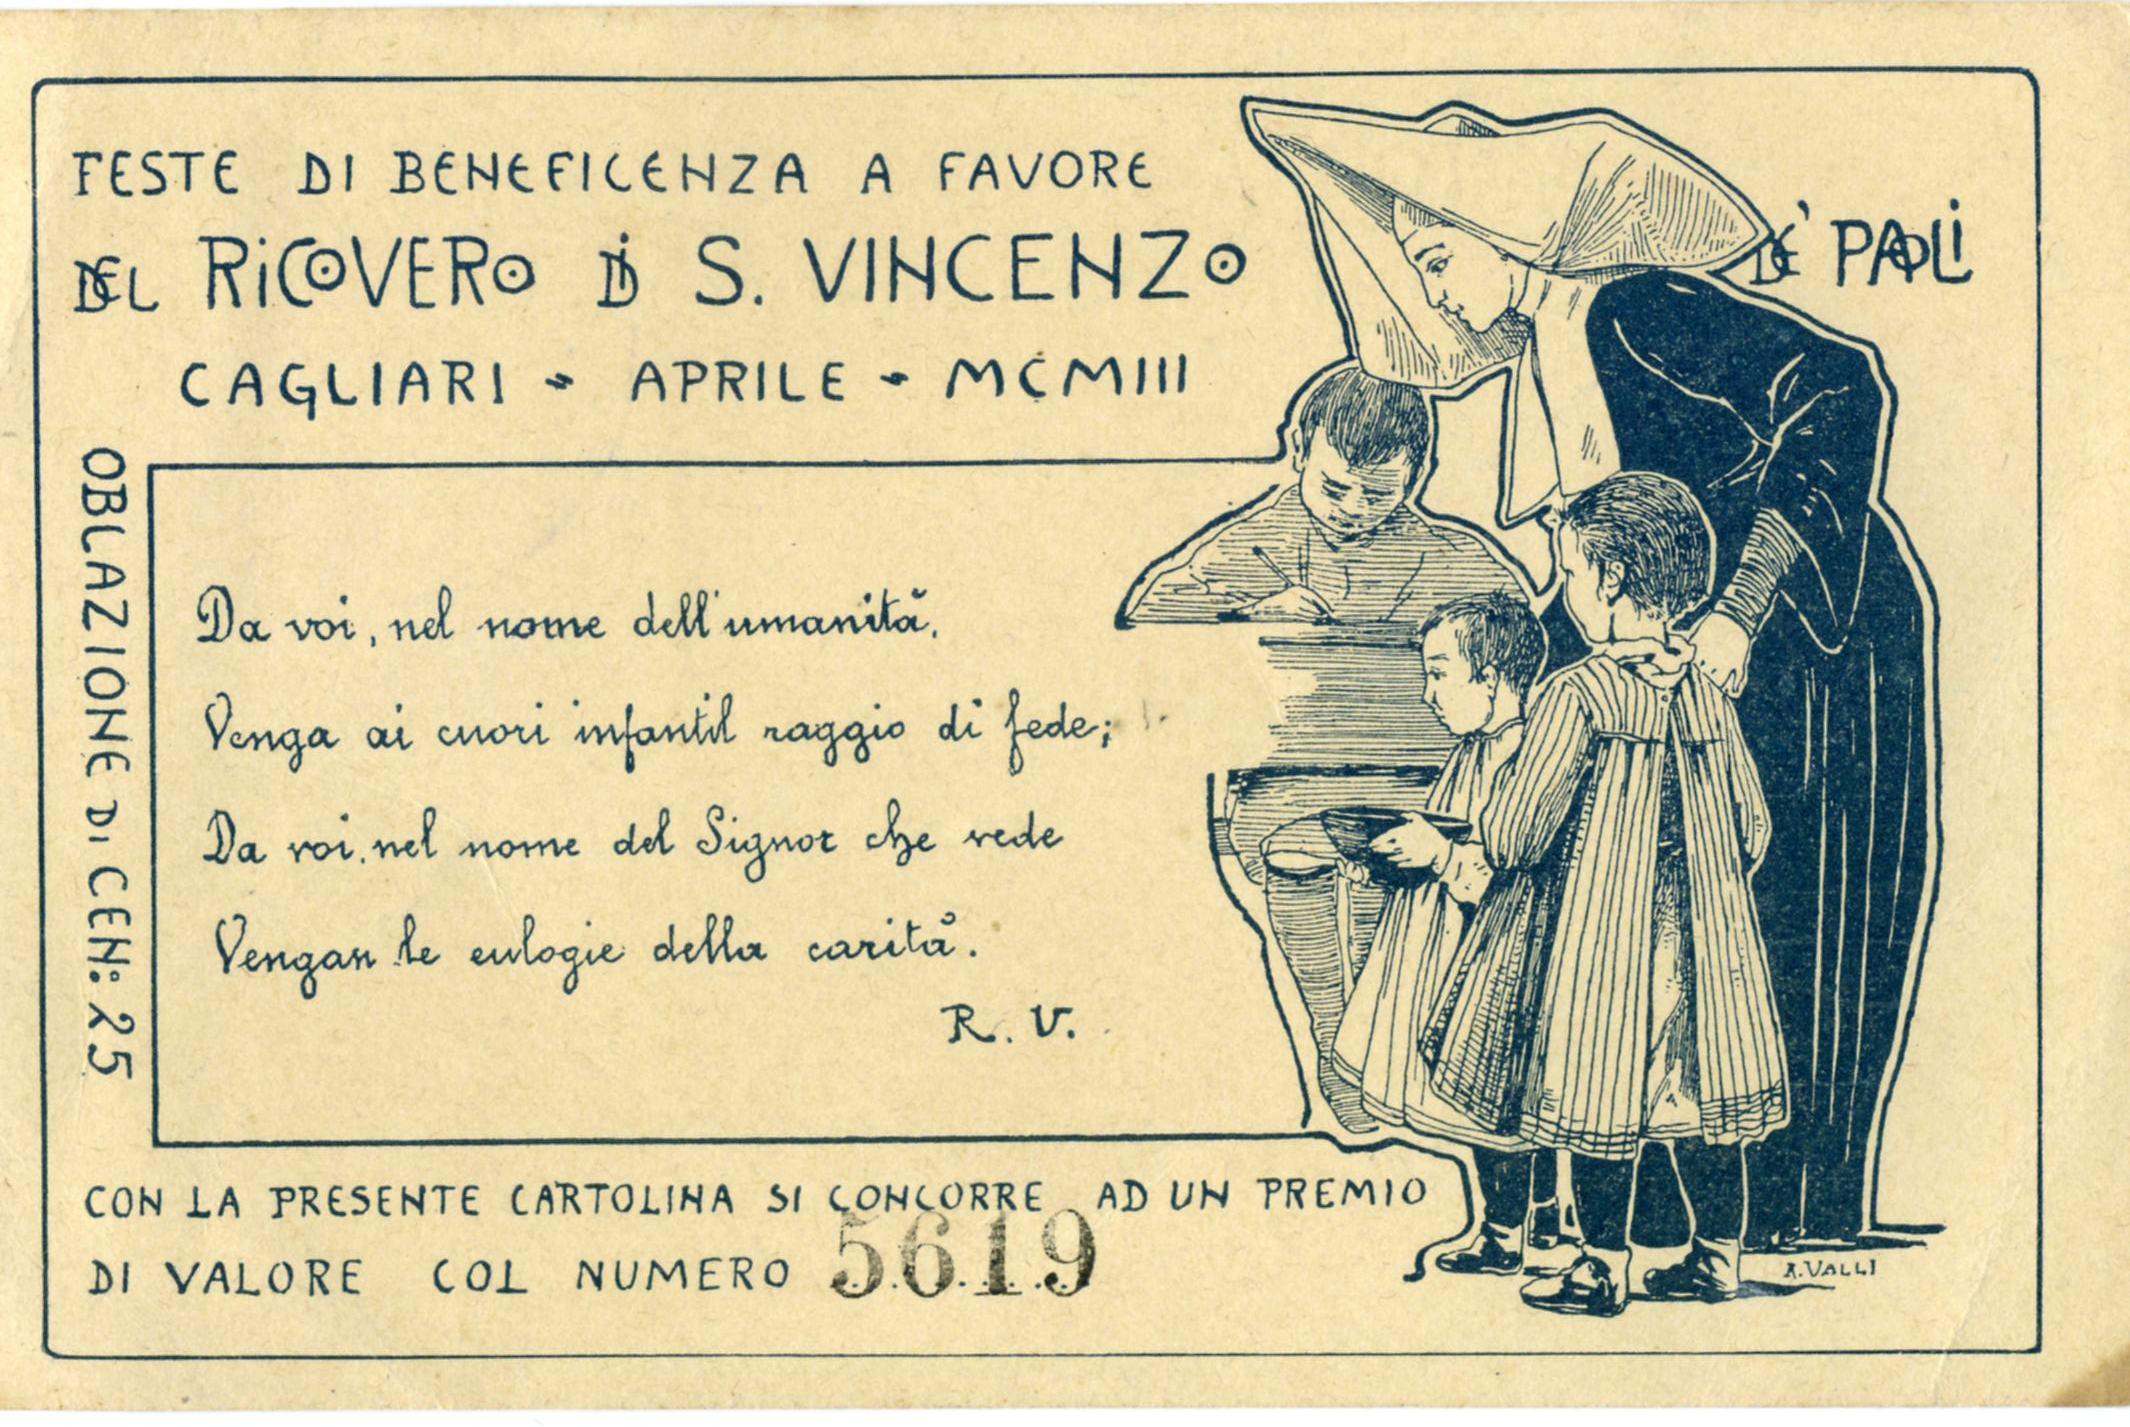 CAGLIARI - Ricovero di S. Vincenzo 1903